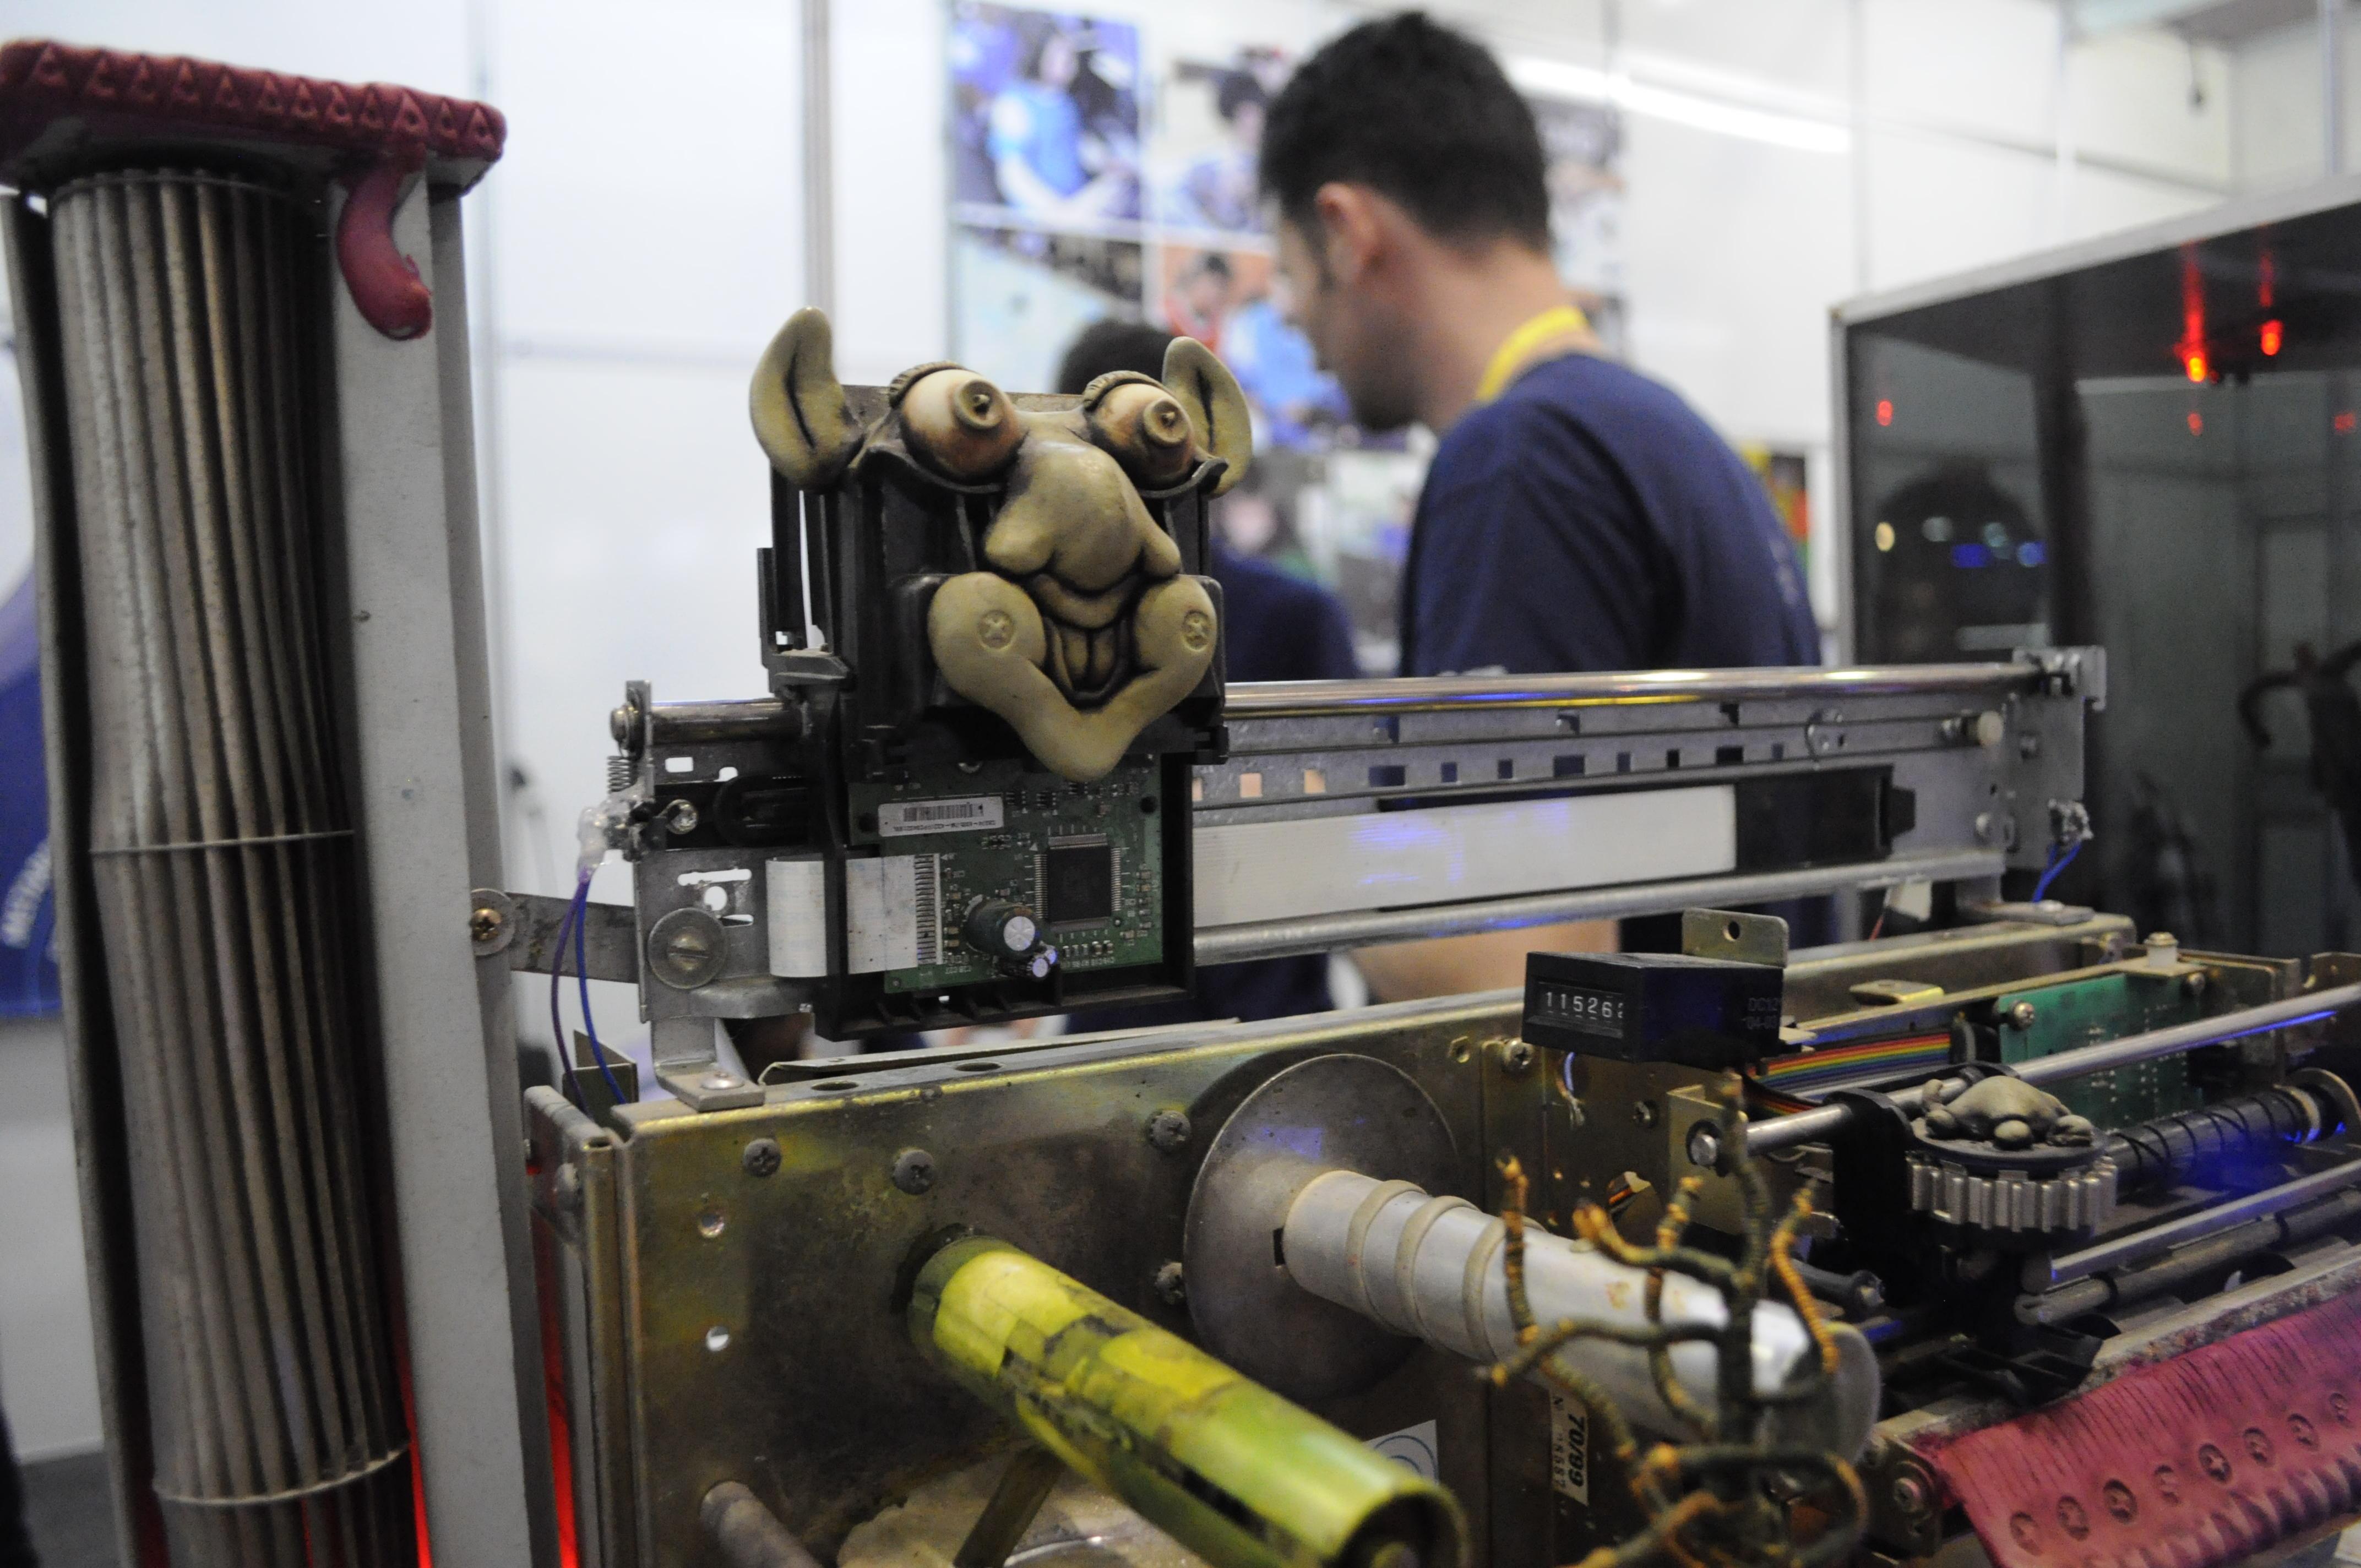 Robô feito com impressora antiga se mexe quando tocam no seu sensor (Foto: Giordano Tronco/Techtudo)